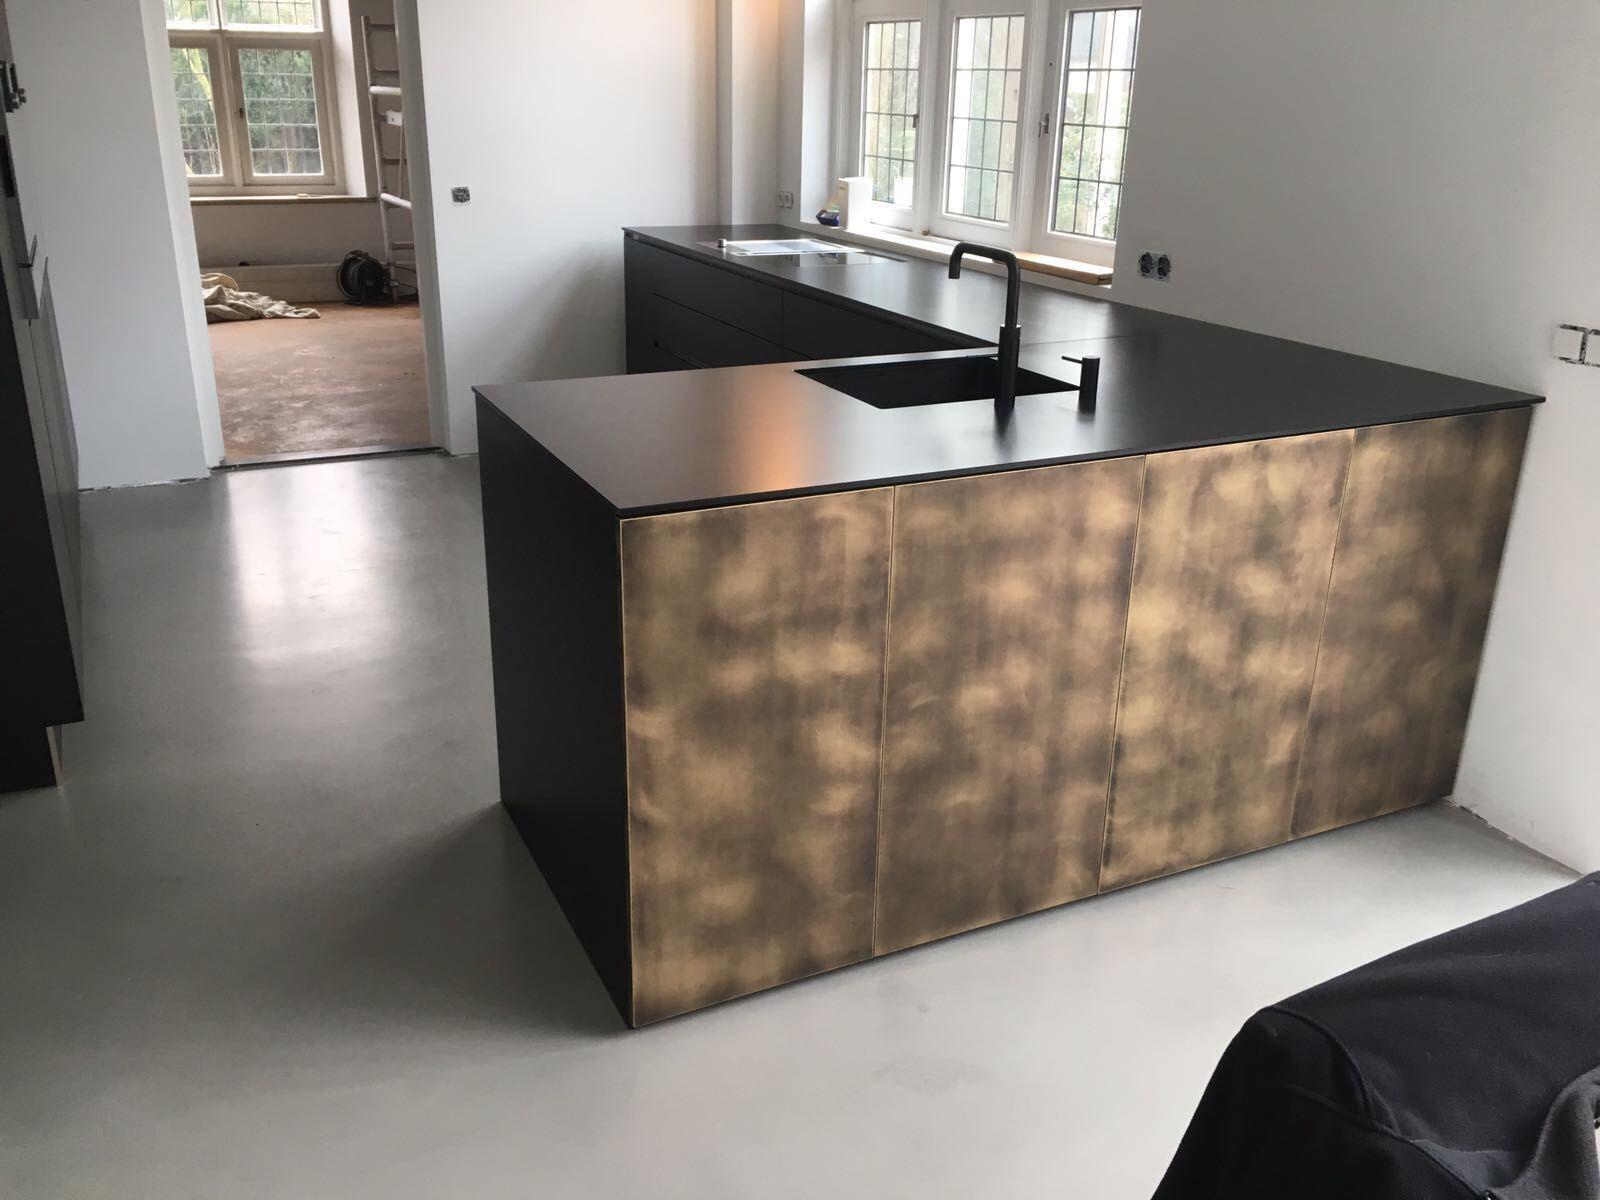 Maatwerk door stuut keuken design messing zwart quooker keuken